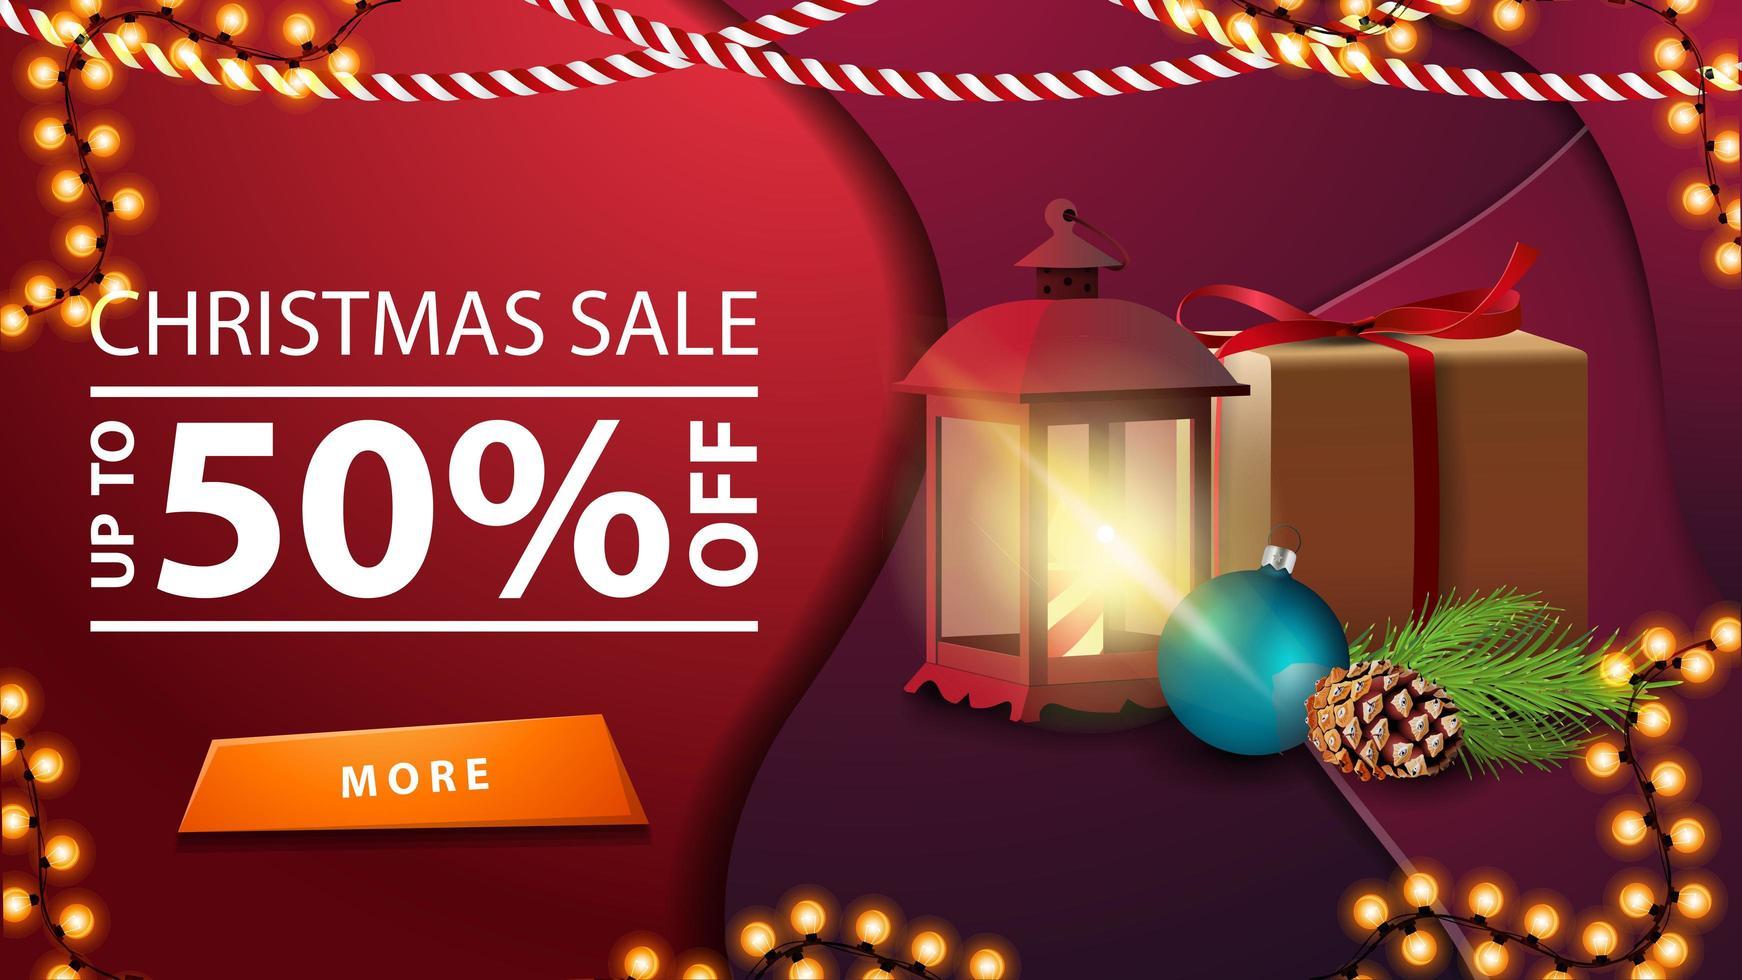 promoção de natal, desconto de até 50, banner roxo em estilo material design com guirlanda, presente, lanterna vintage, galho de árvore de natal com um cone e uma bola de natal vetor